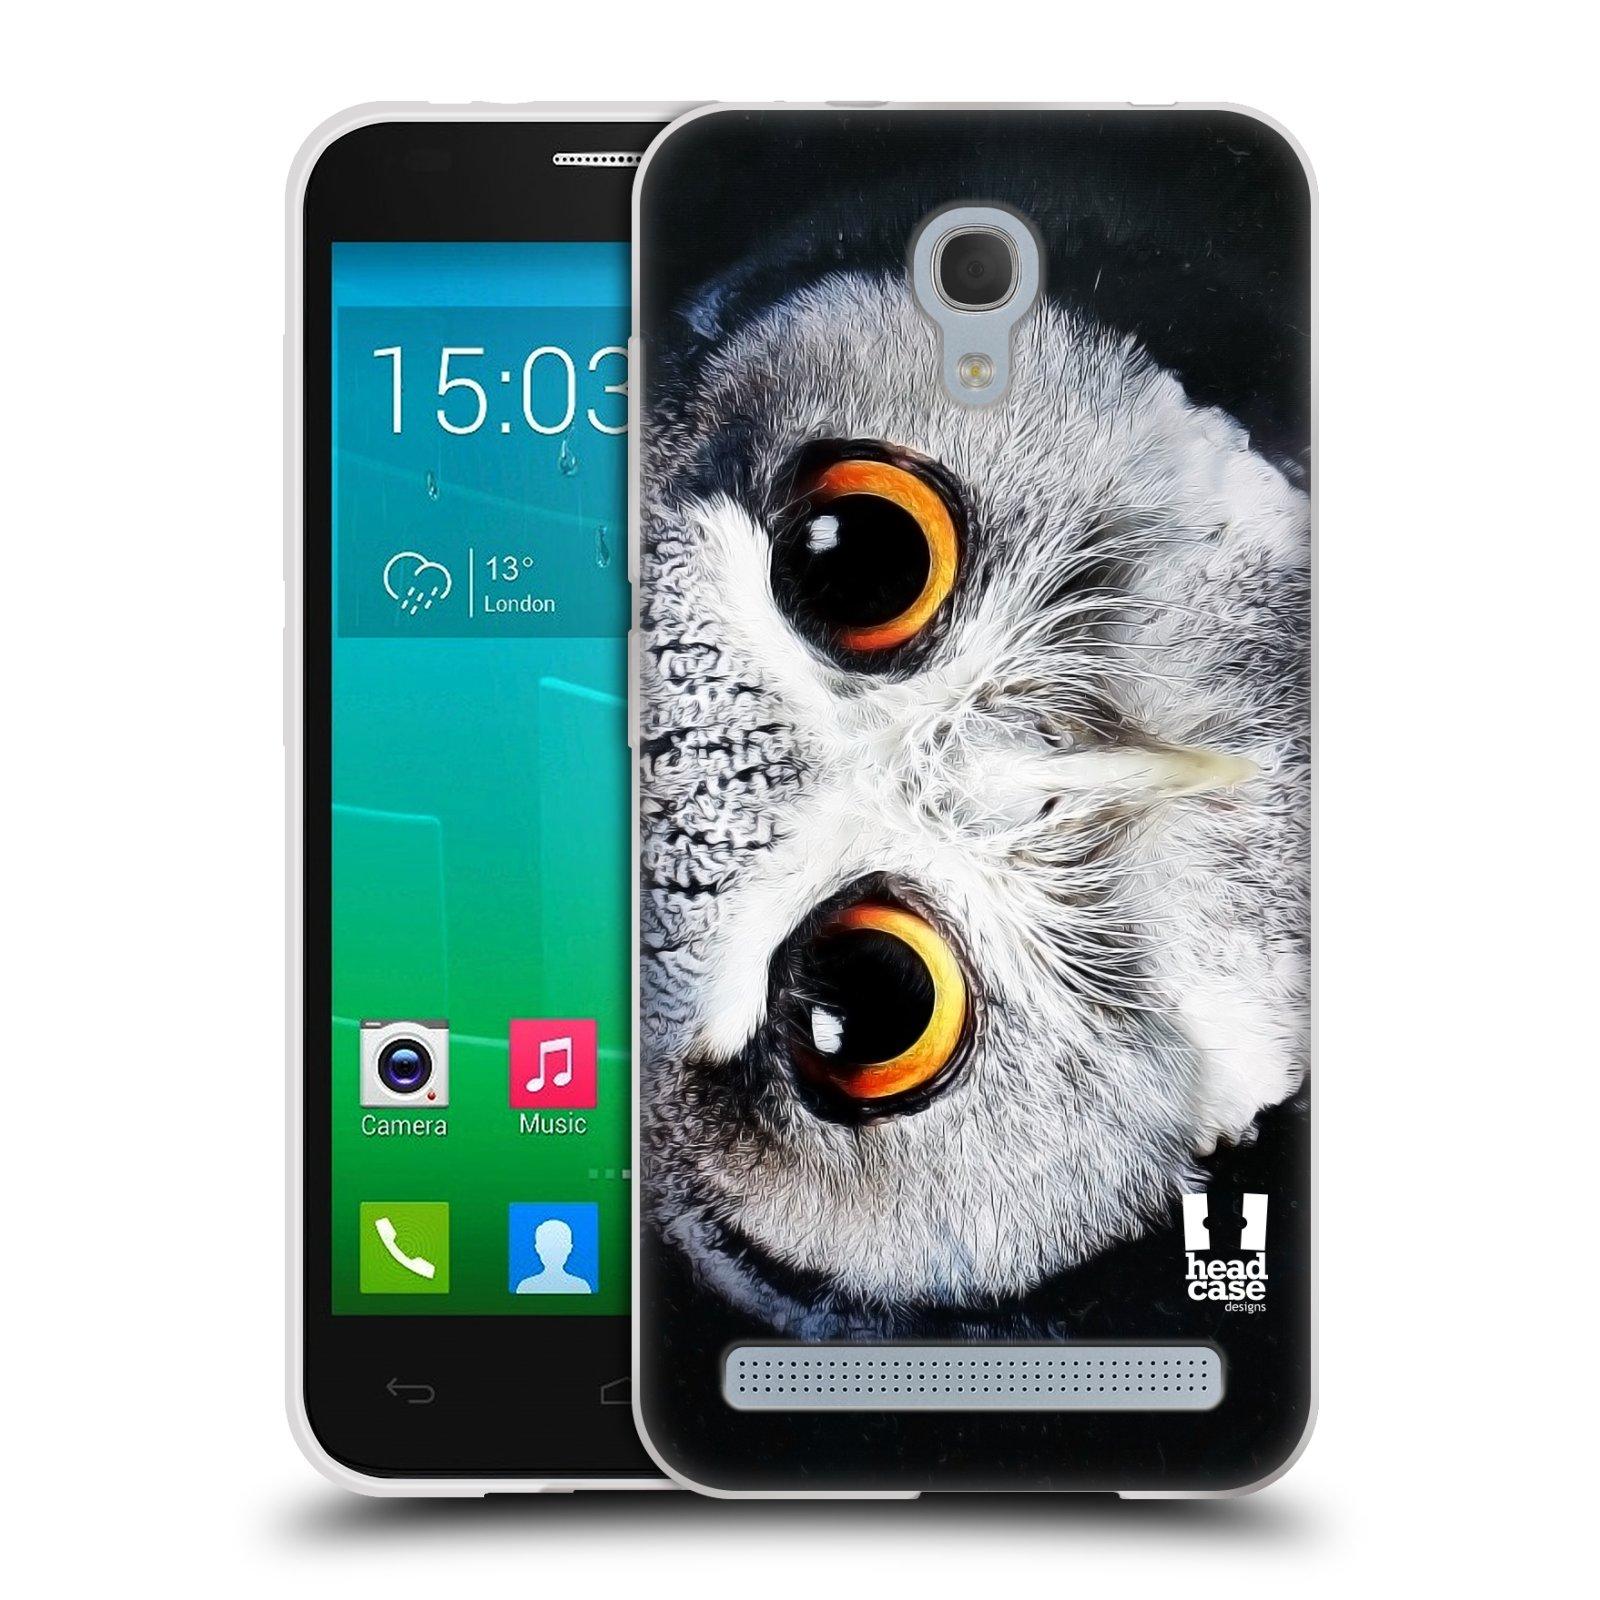 HEAD CASE silikonový obal na mobil Alcatel Idol 2 MINI S 6036Y vzor Zvířecí tváře sova